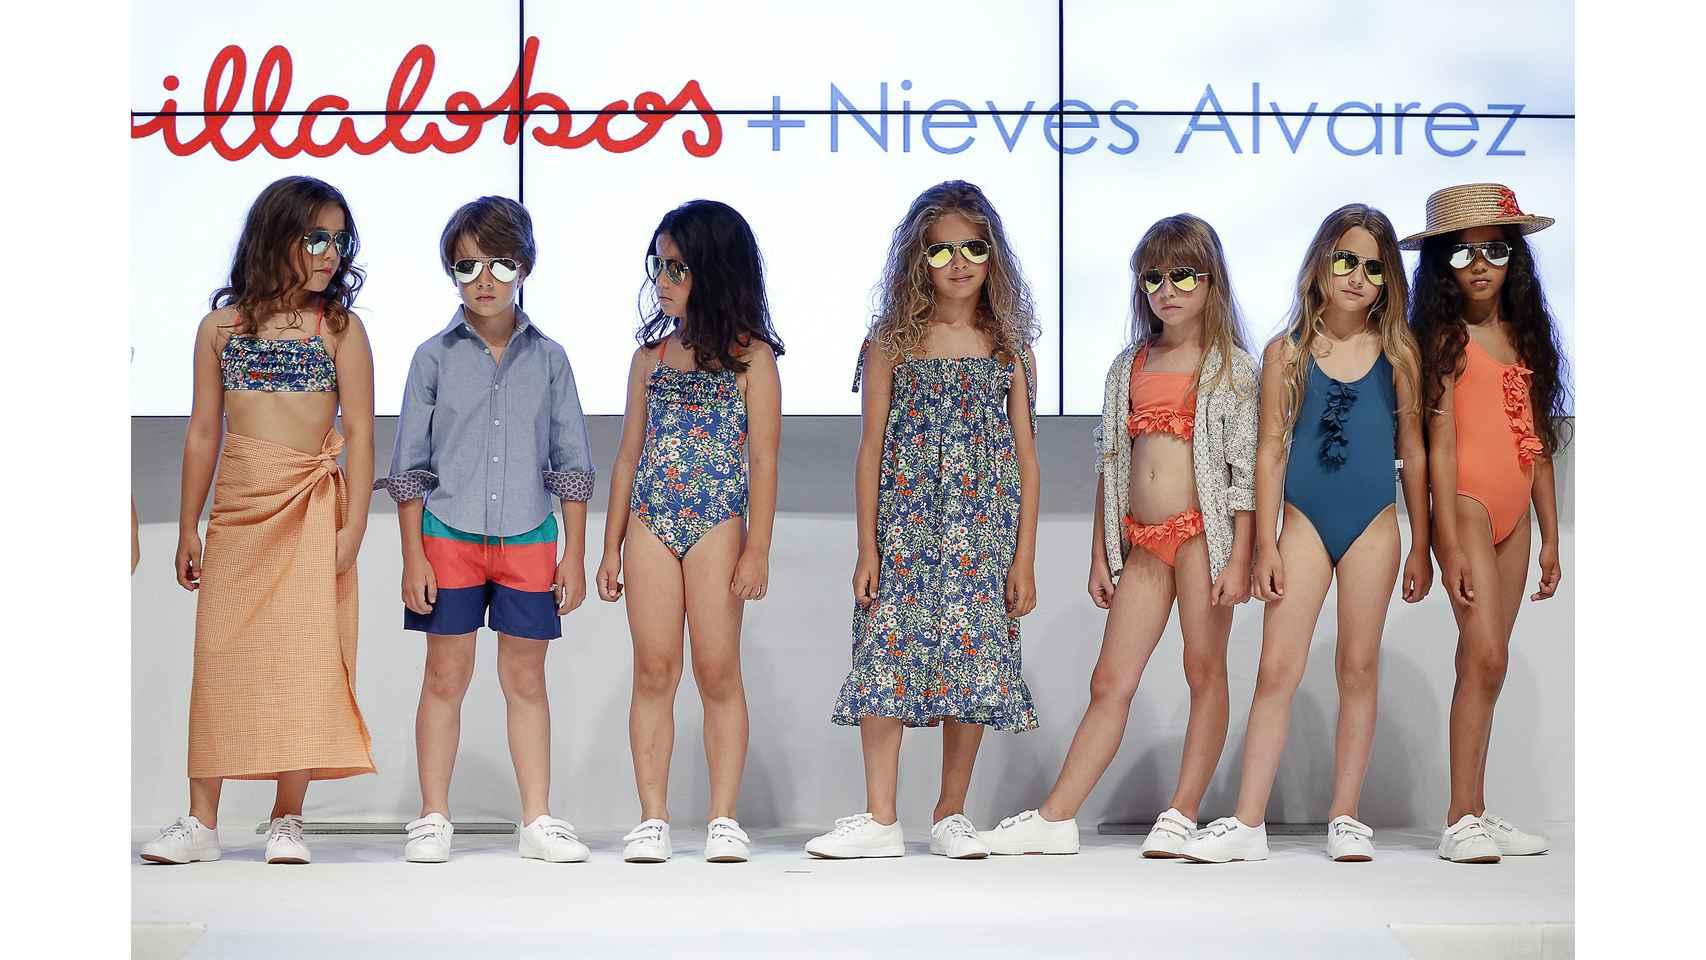 Los pequeños modelos lucieron a lo largo del desfile gafas de sol modelo aviador de Polaroid y zapatos de Superga.